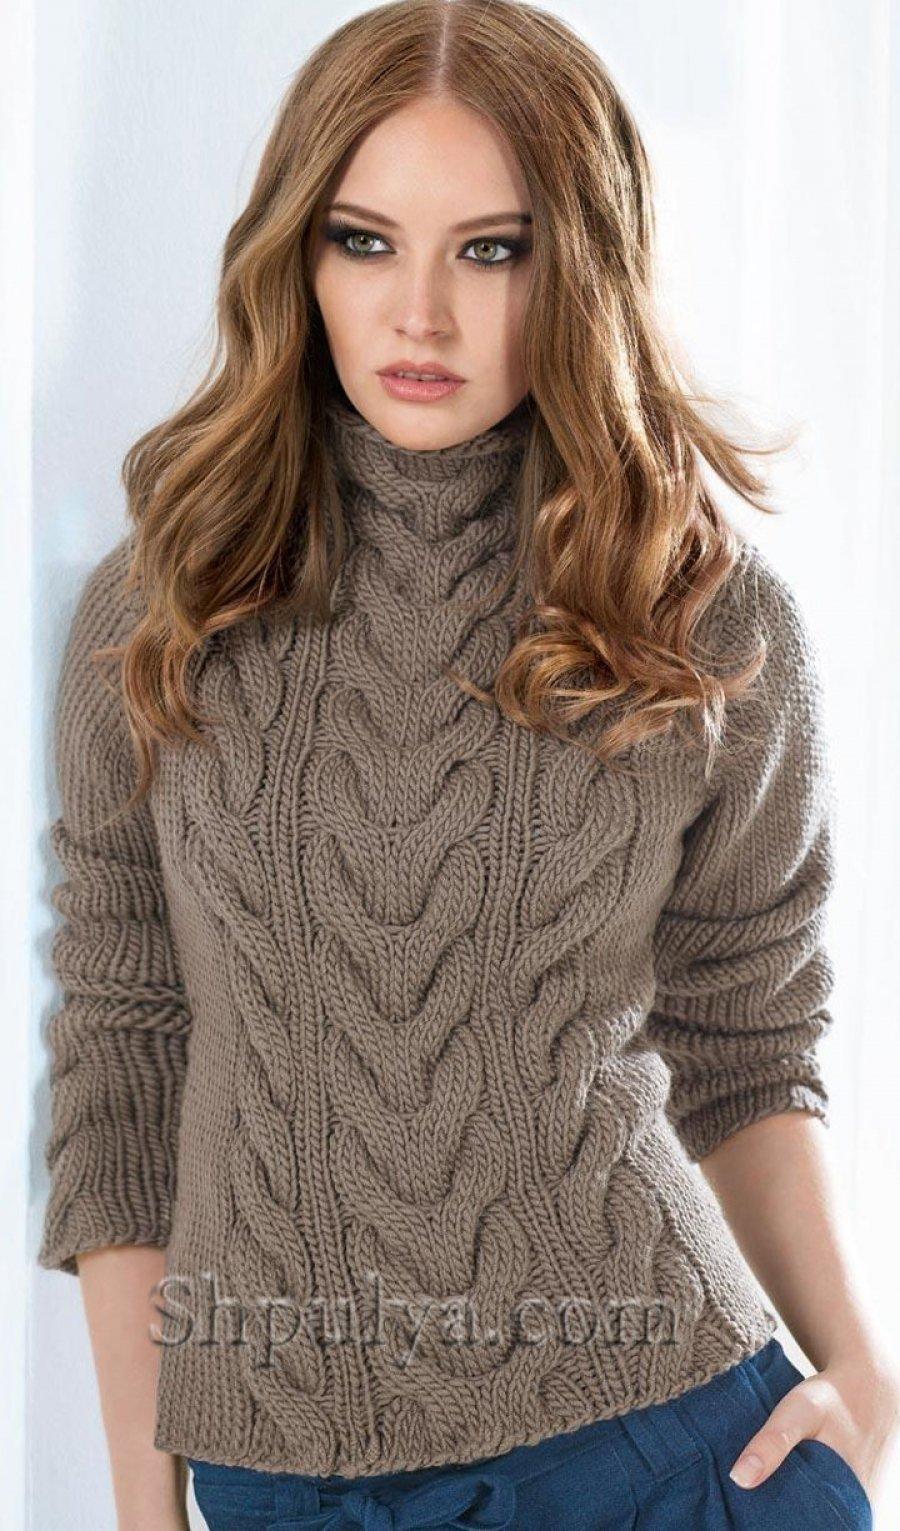 Вязание спицами кофты с косами фото